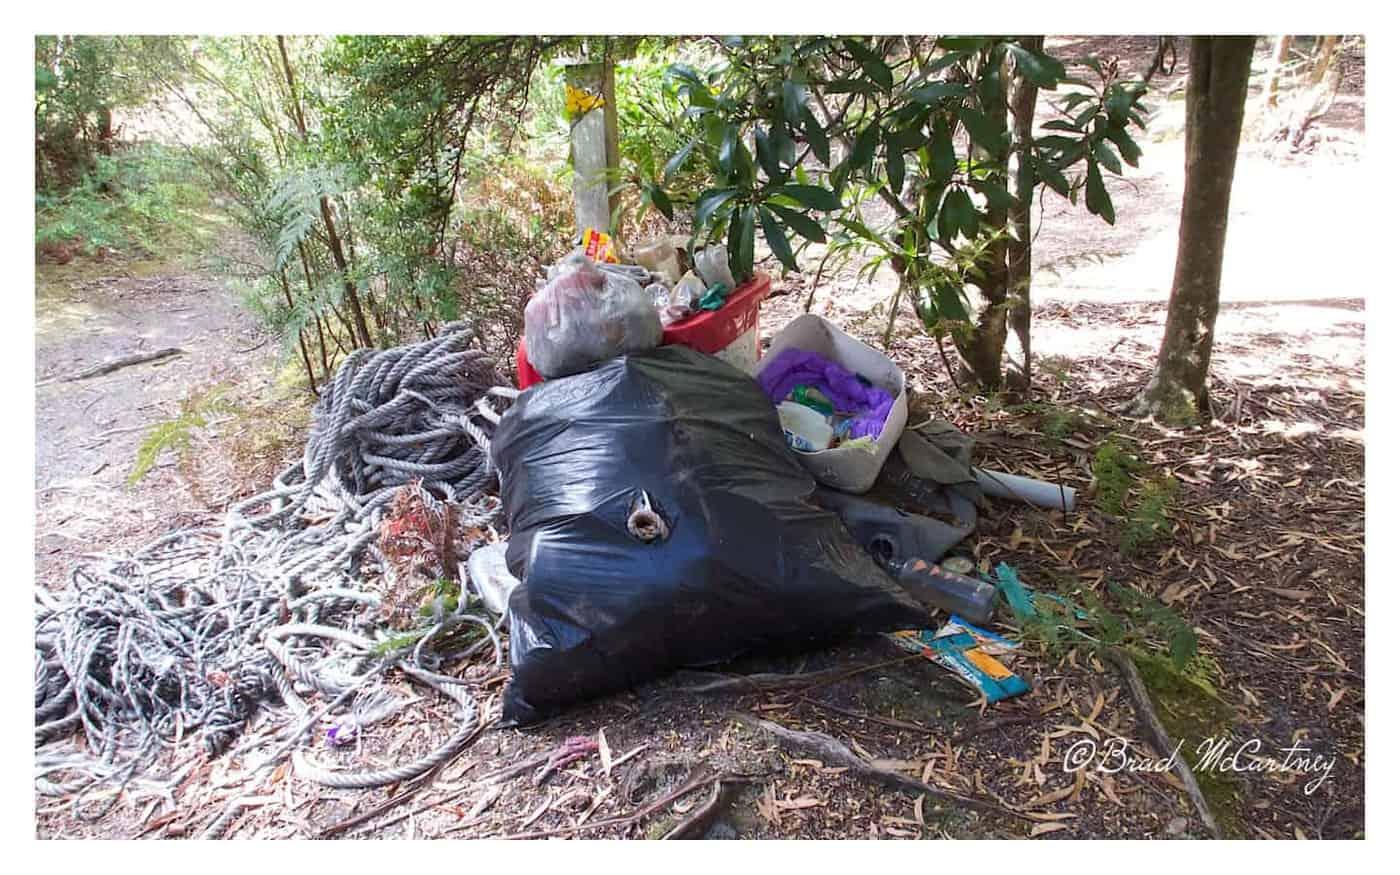 Rubbish left at Osmiridium Beach Campsite